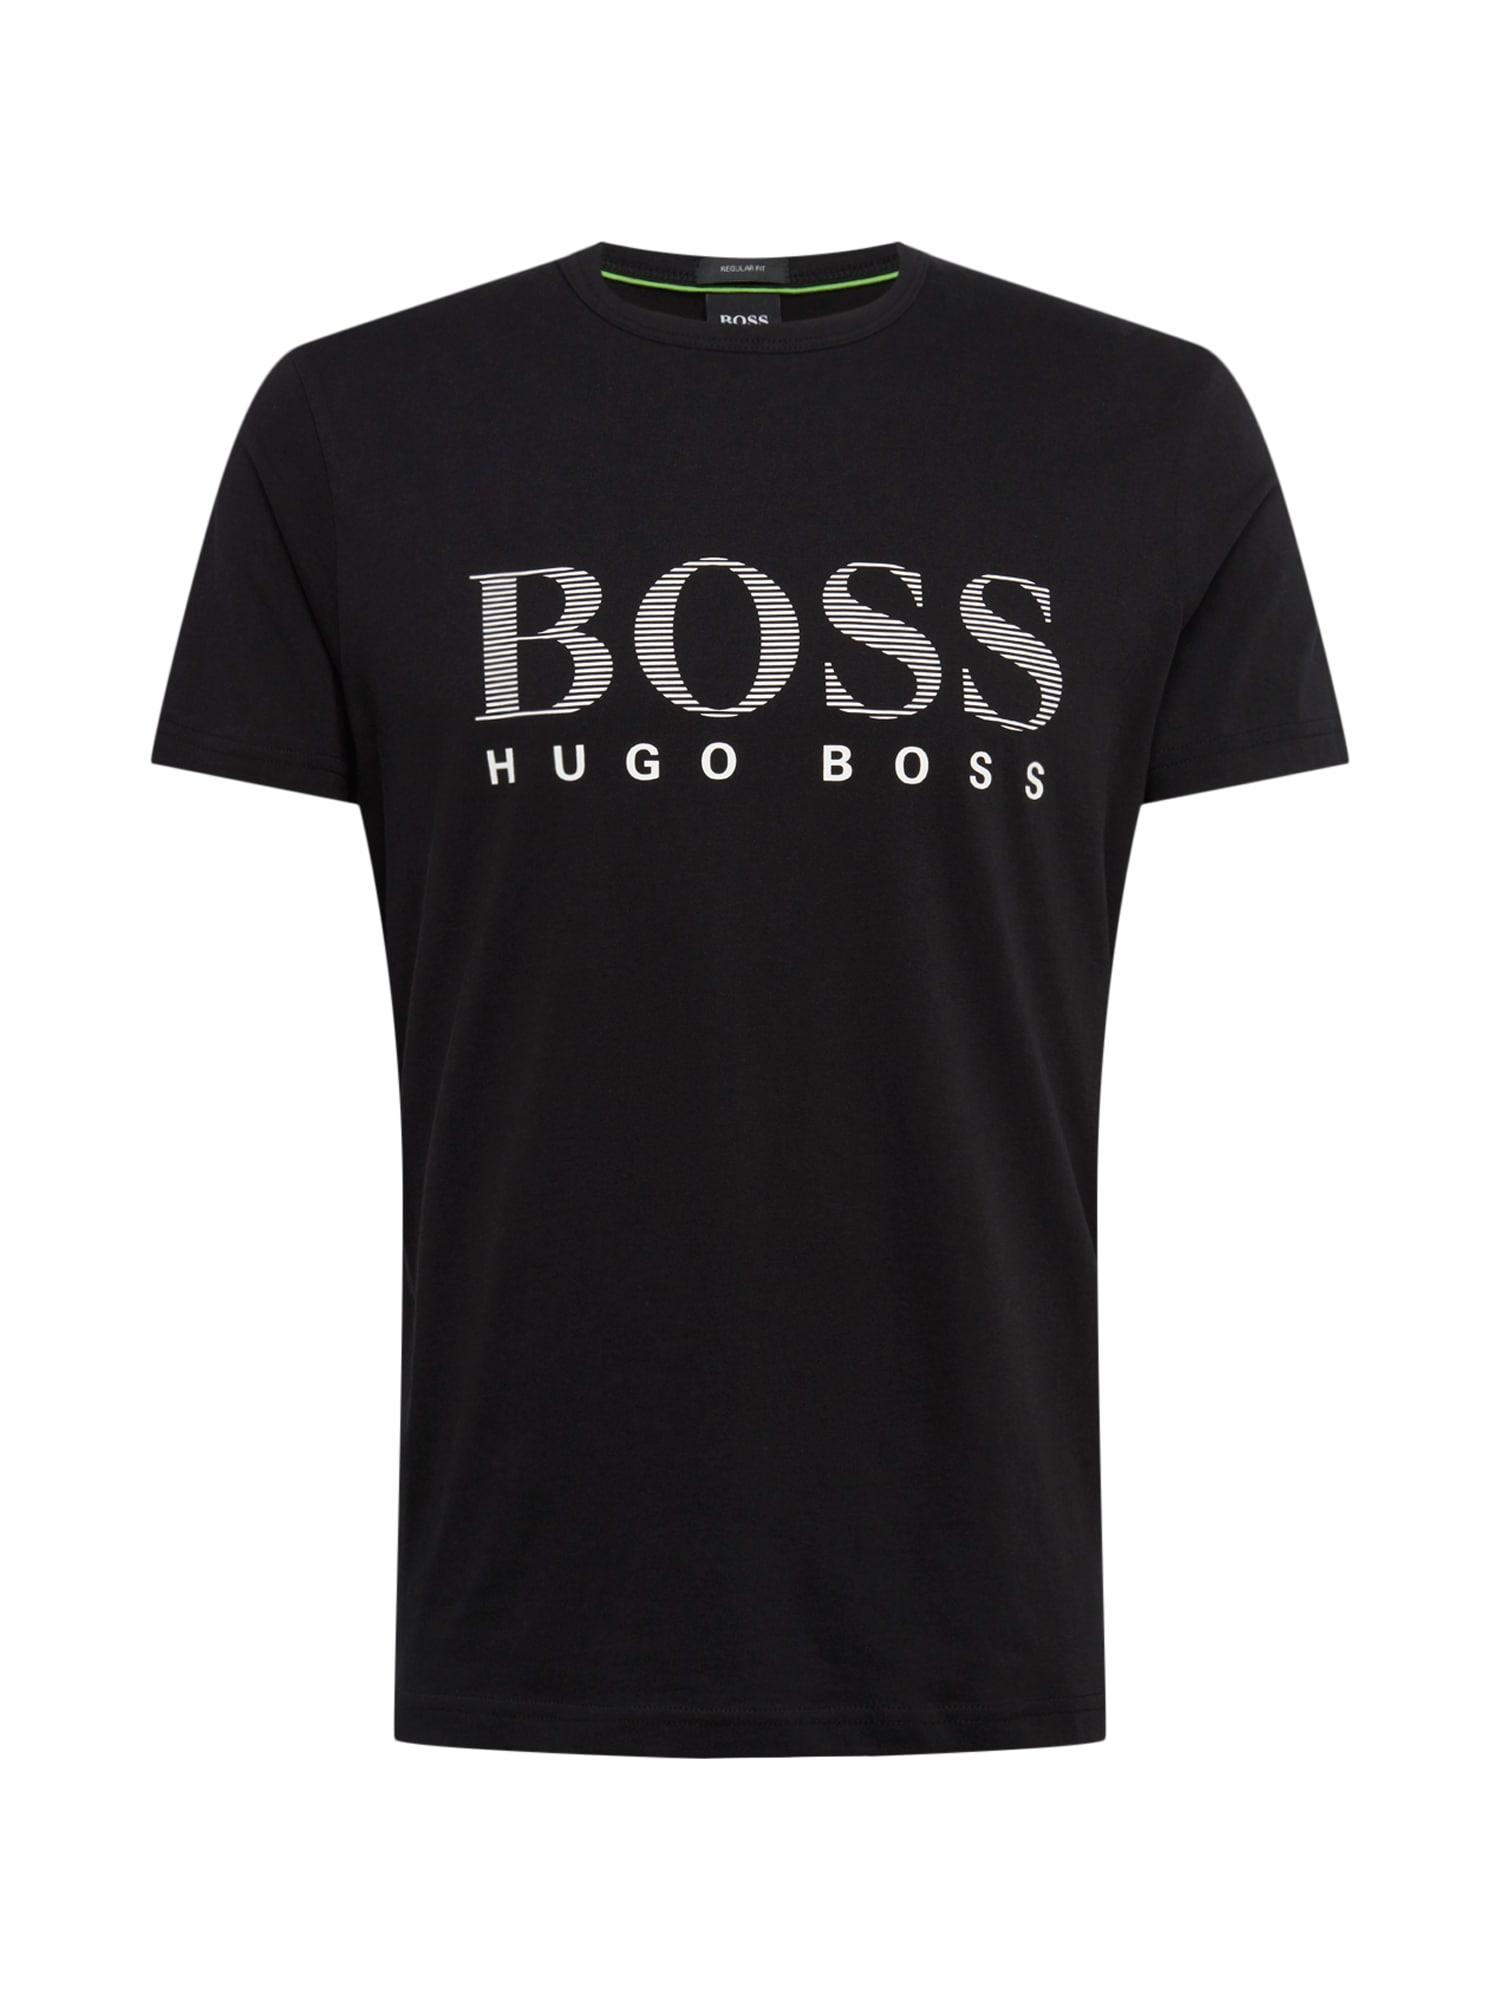 Tričko Teeos 10165506 01 šedá černá BOSS